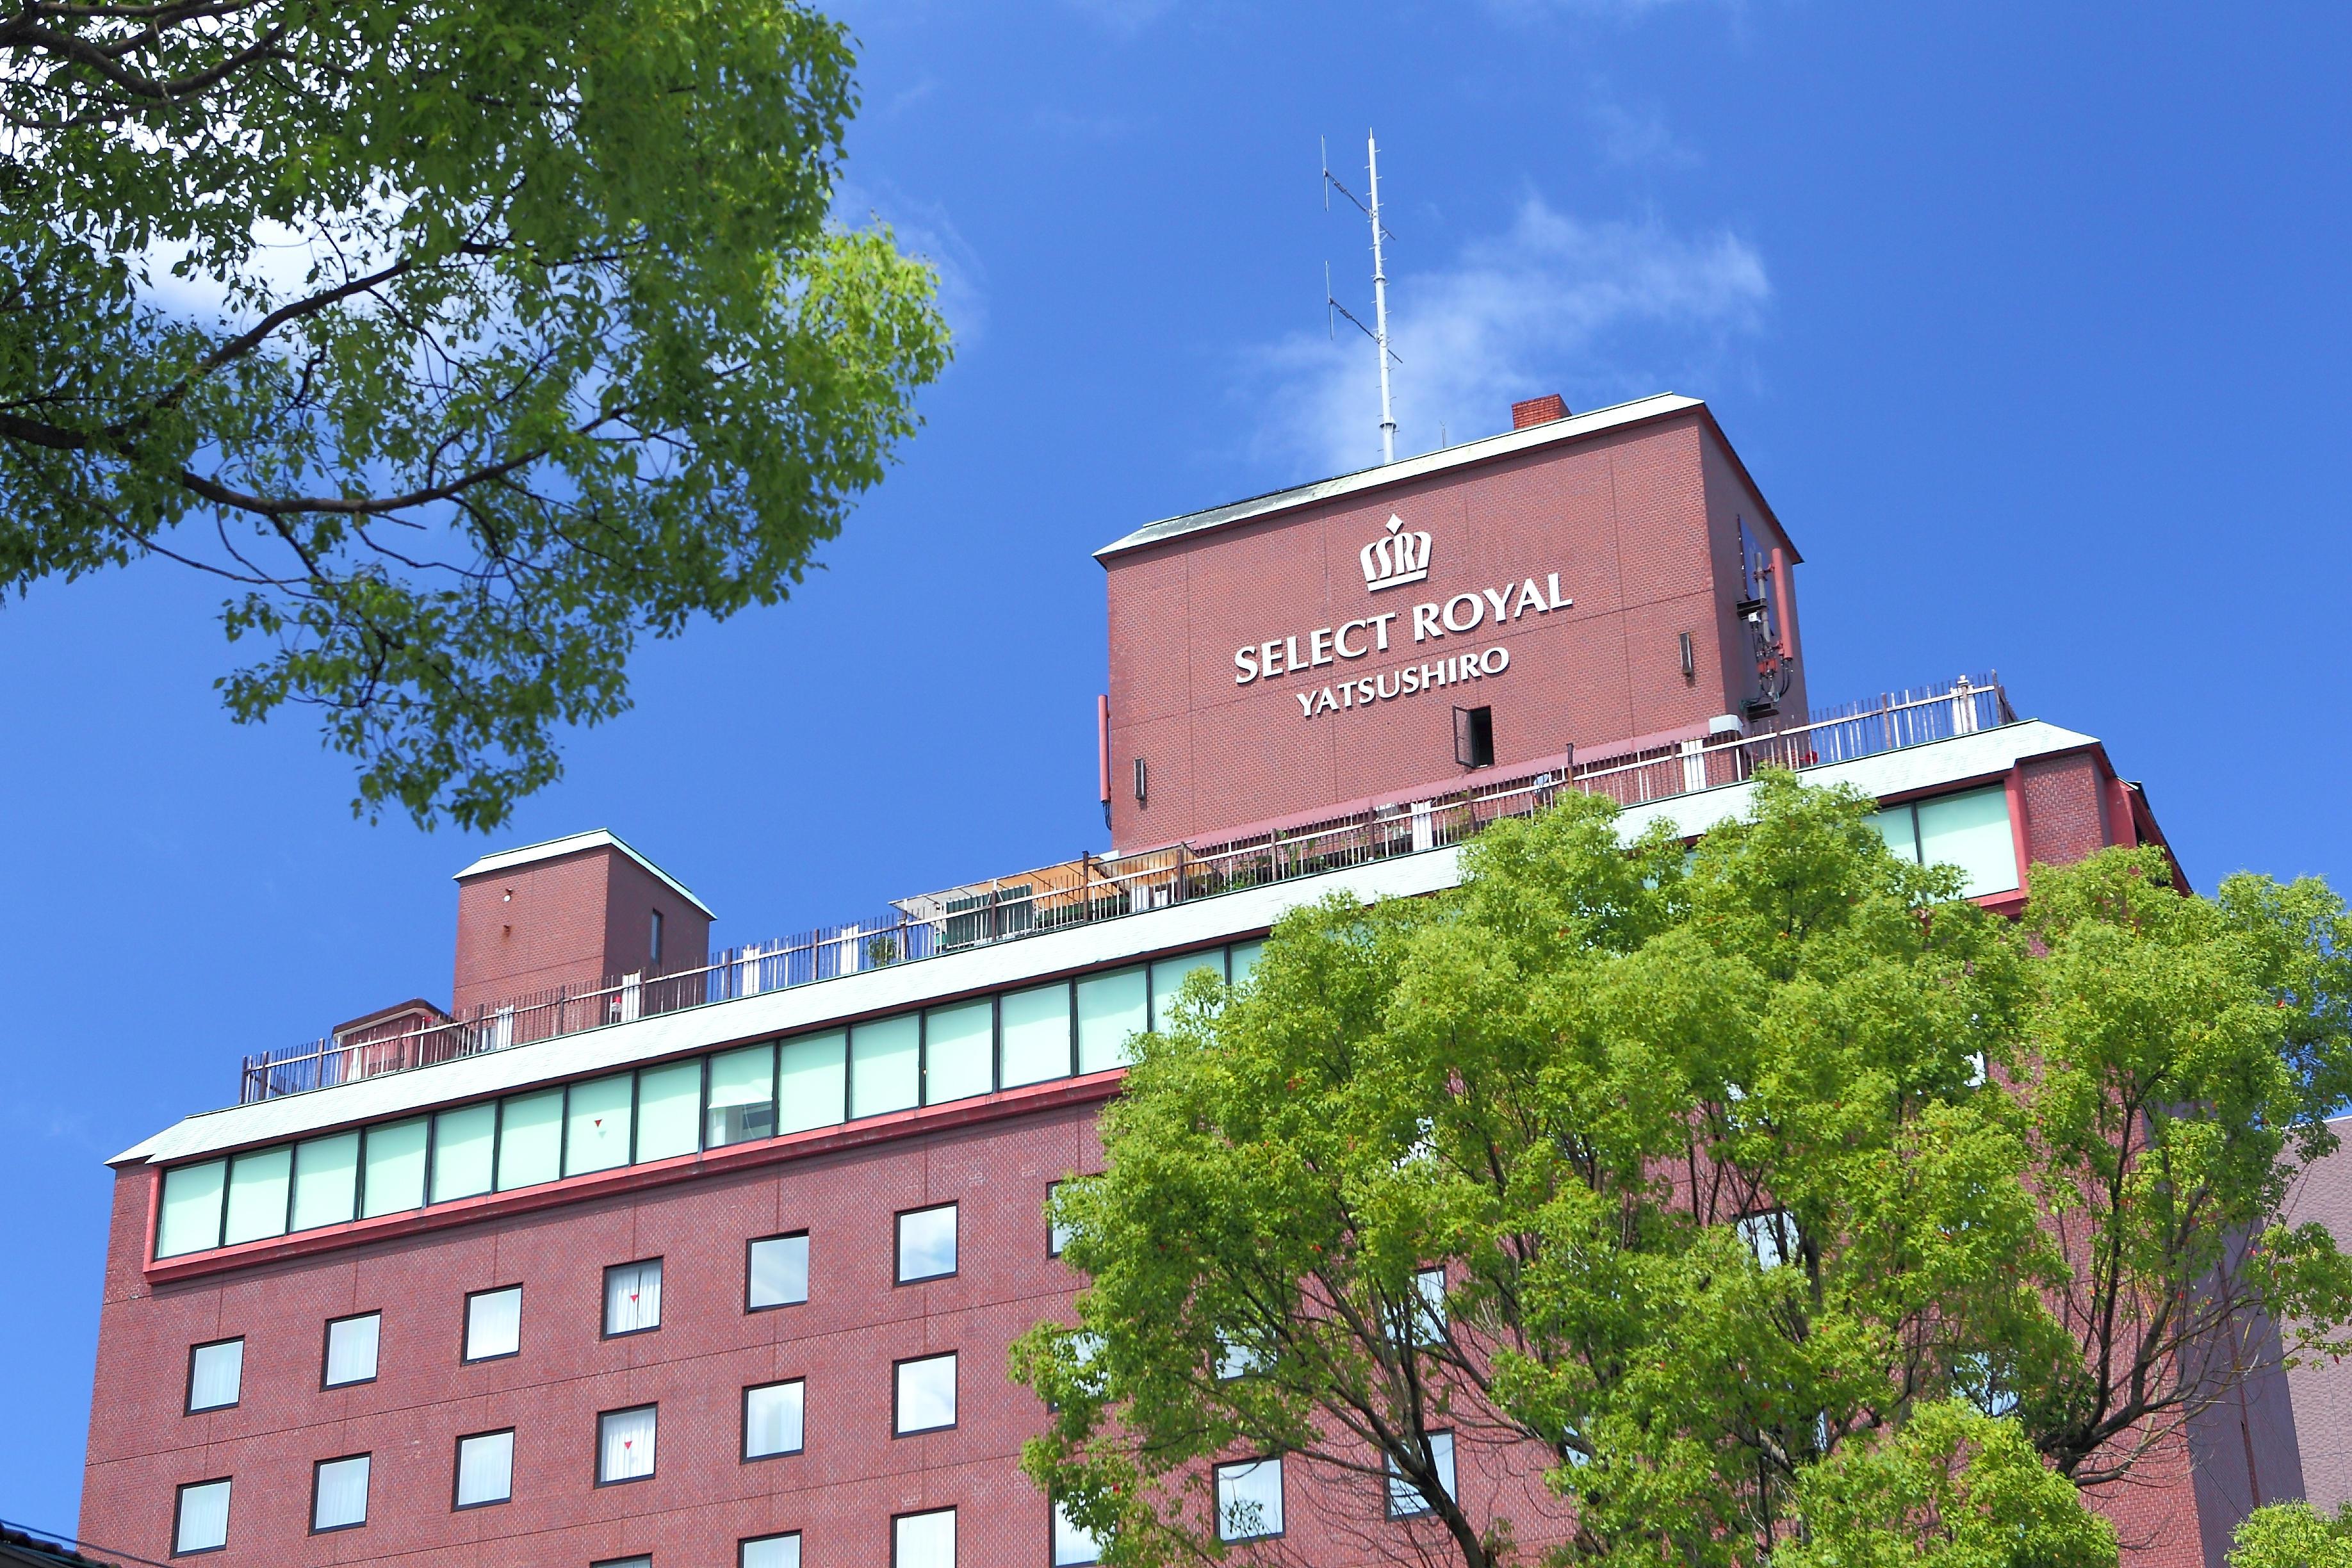 【臨時】ホテル代表番号のおしらせ 0965-34-1113